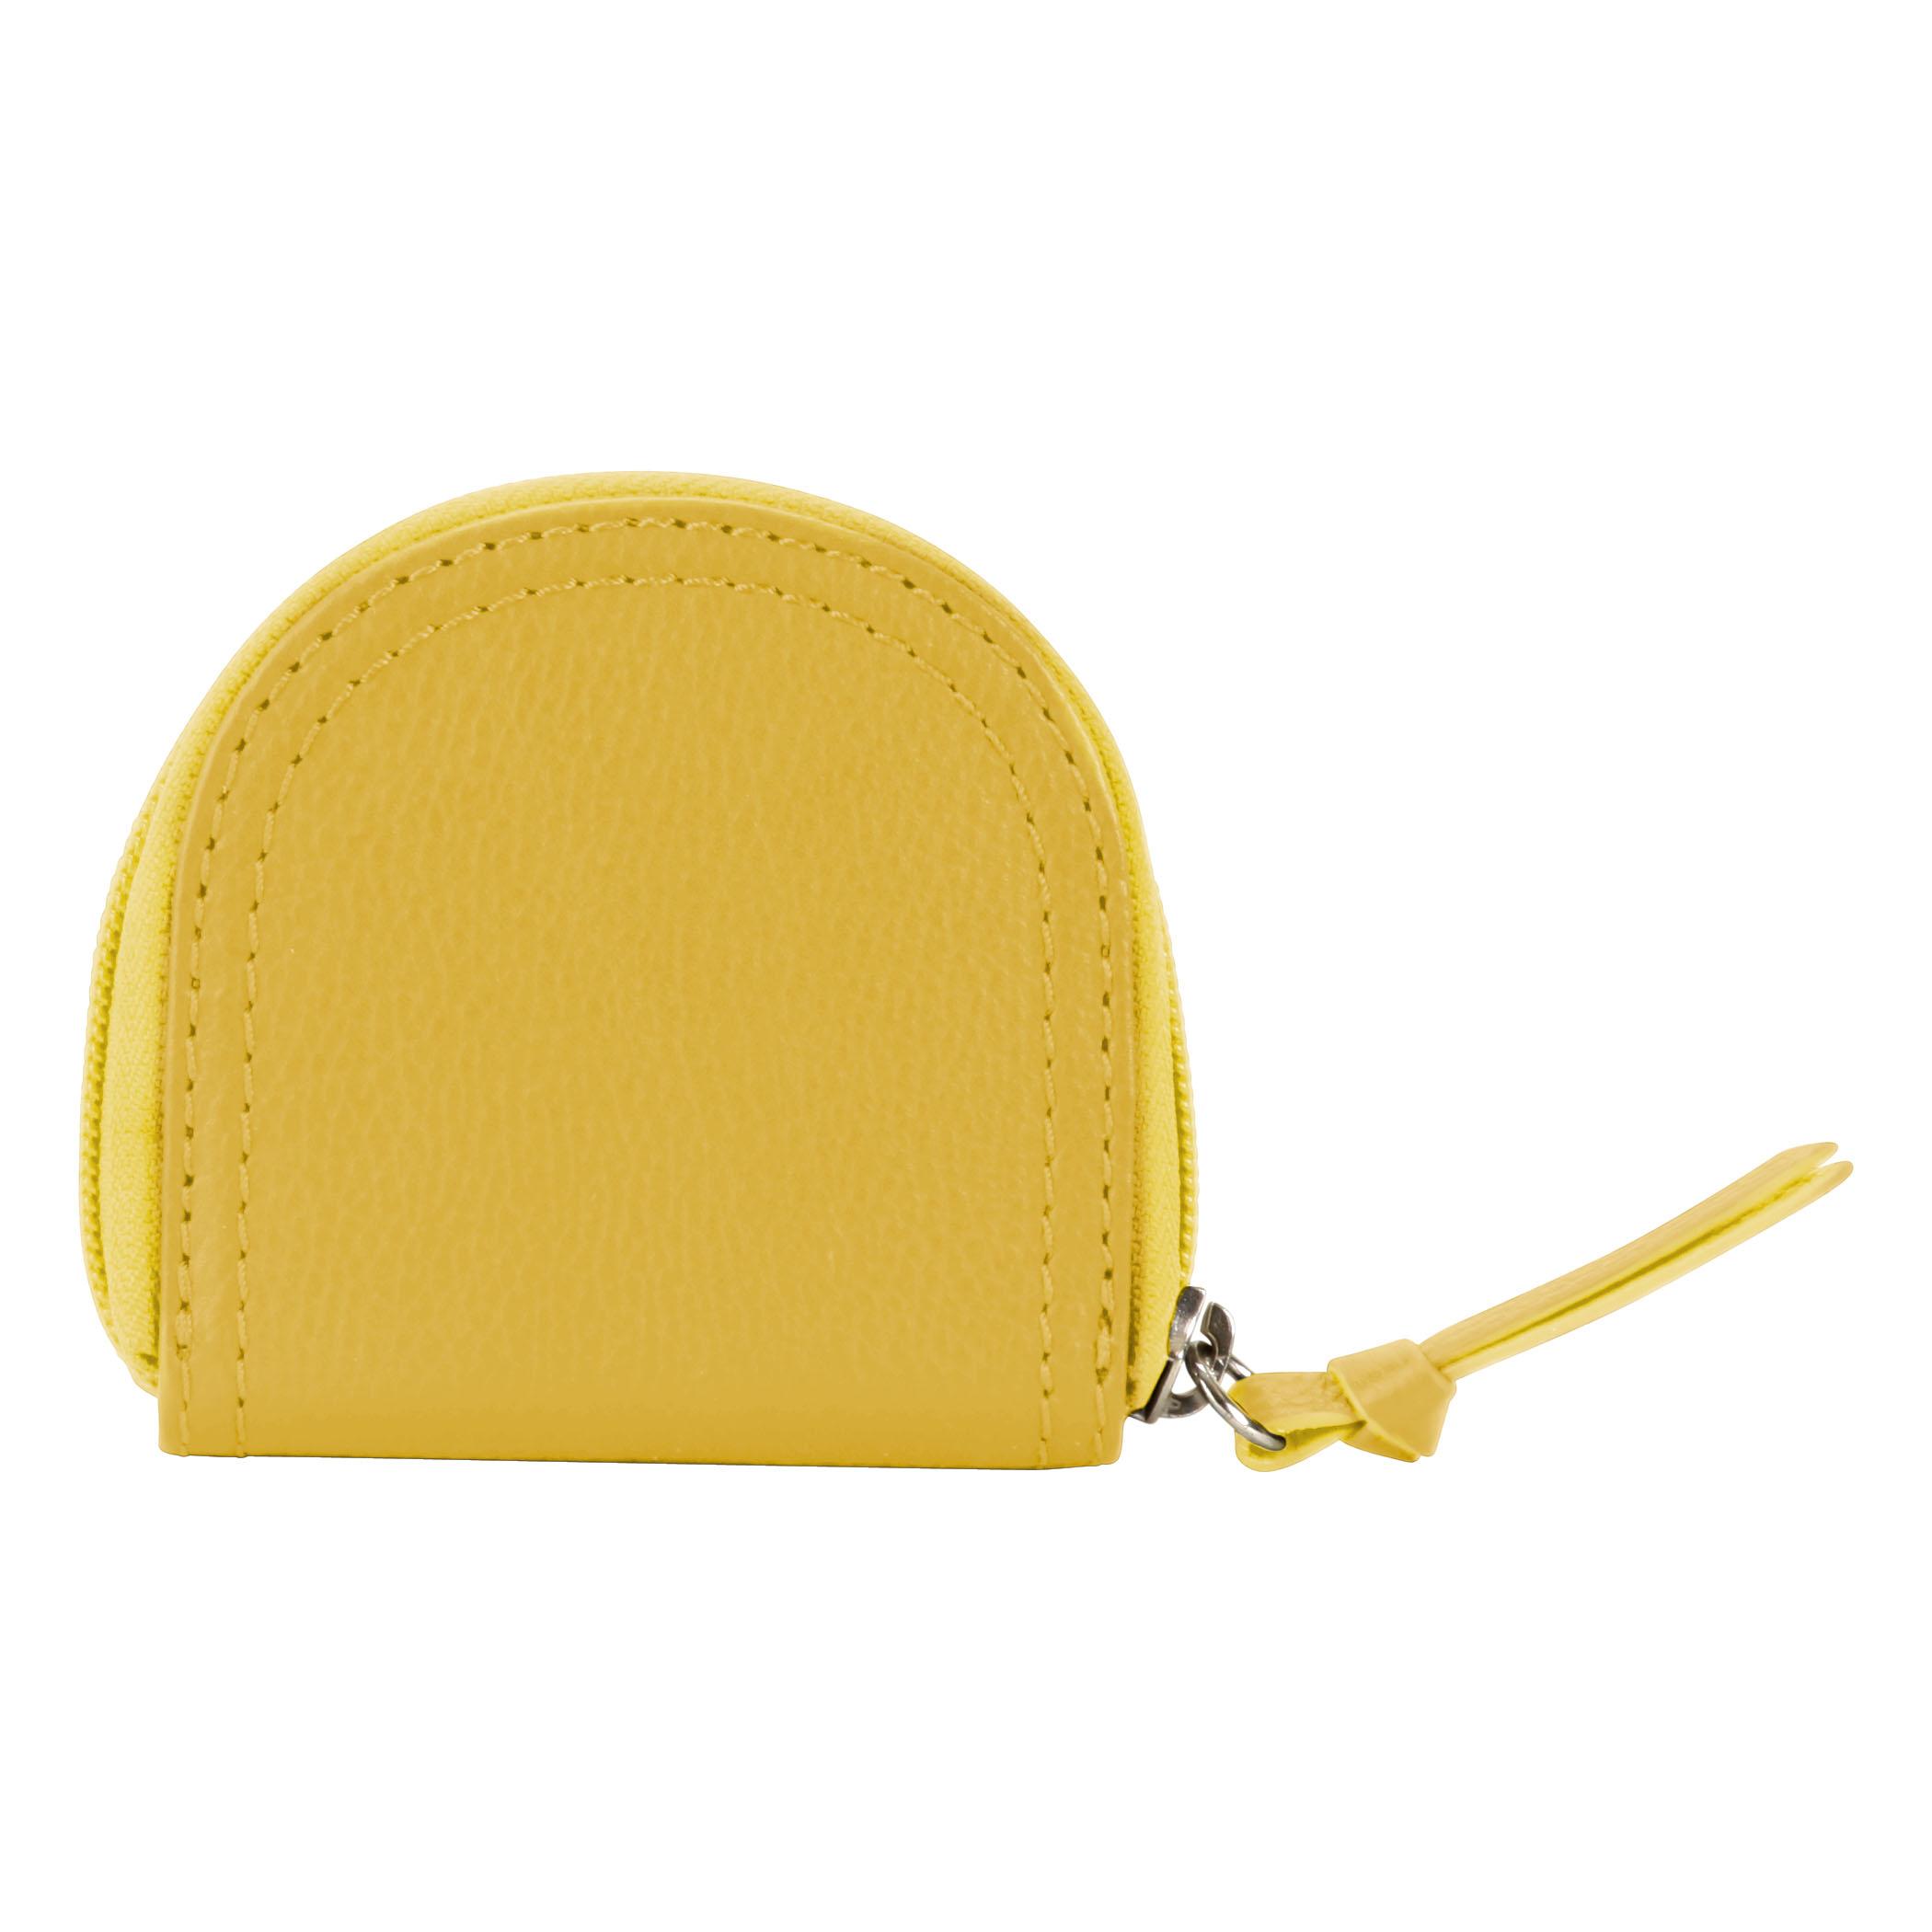 Coin Purse - Yellow